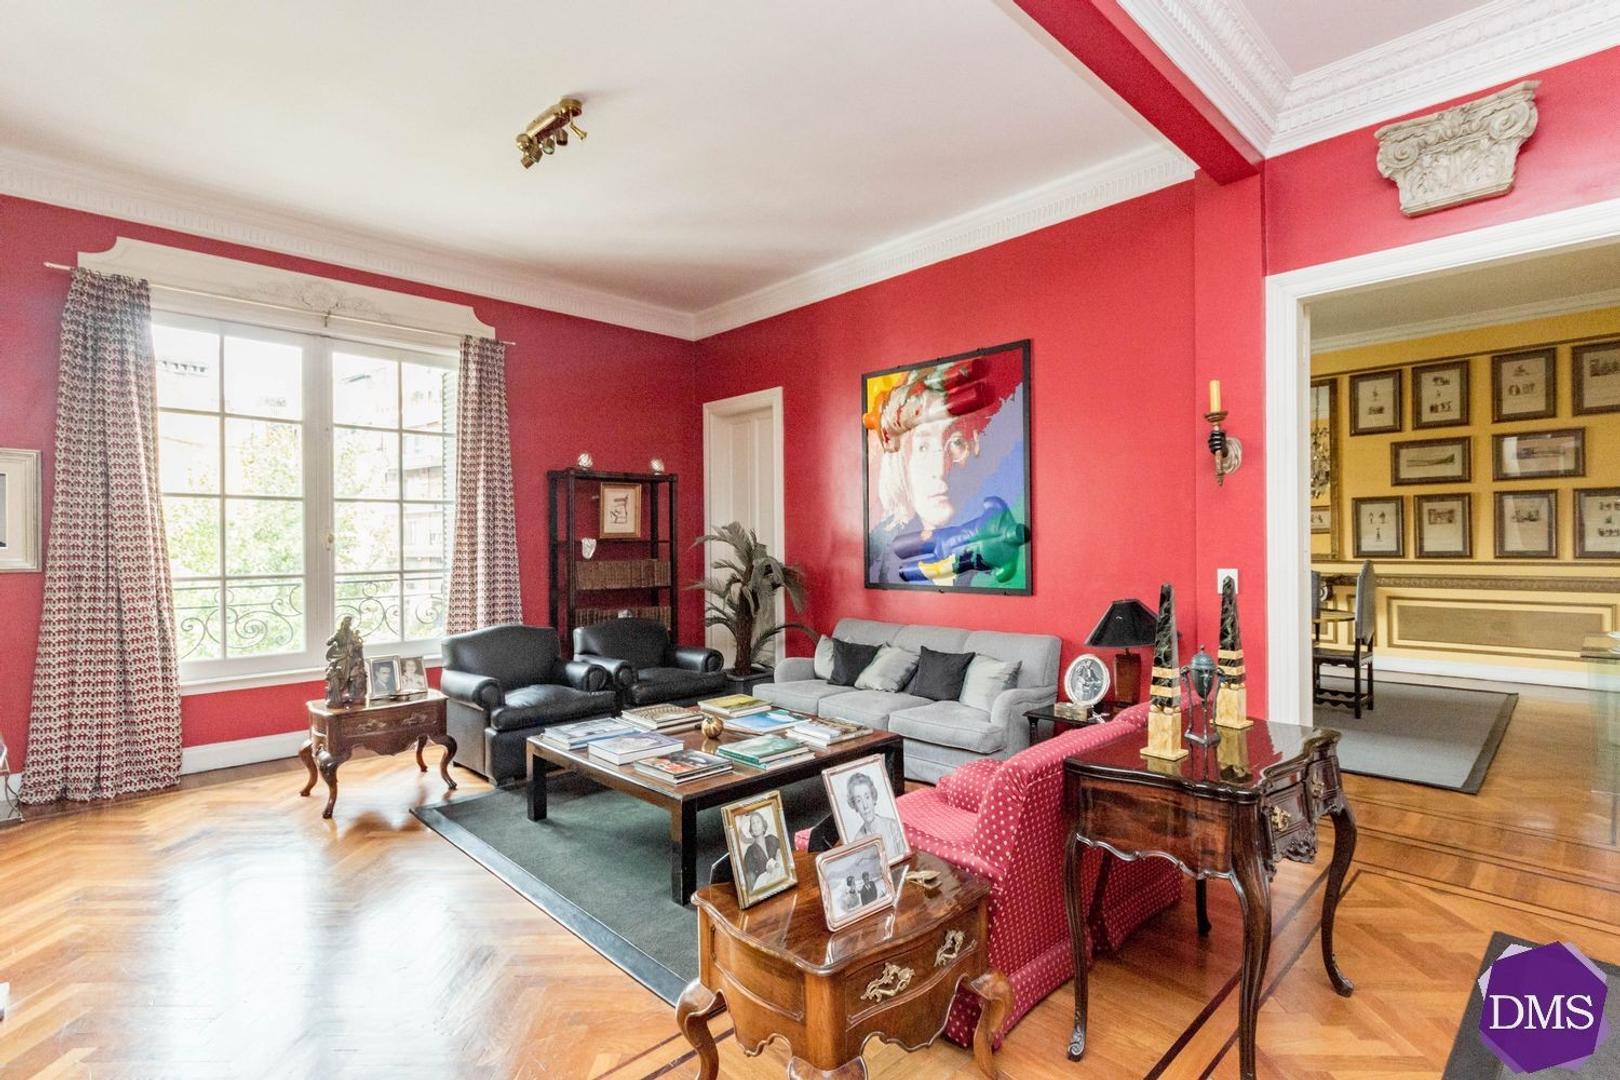 Uriburu y Arenales Edif. Francés 4/5 Dormitorios con cochera impecable